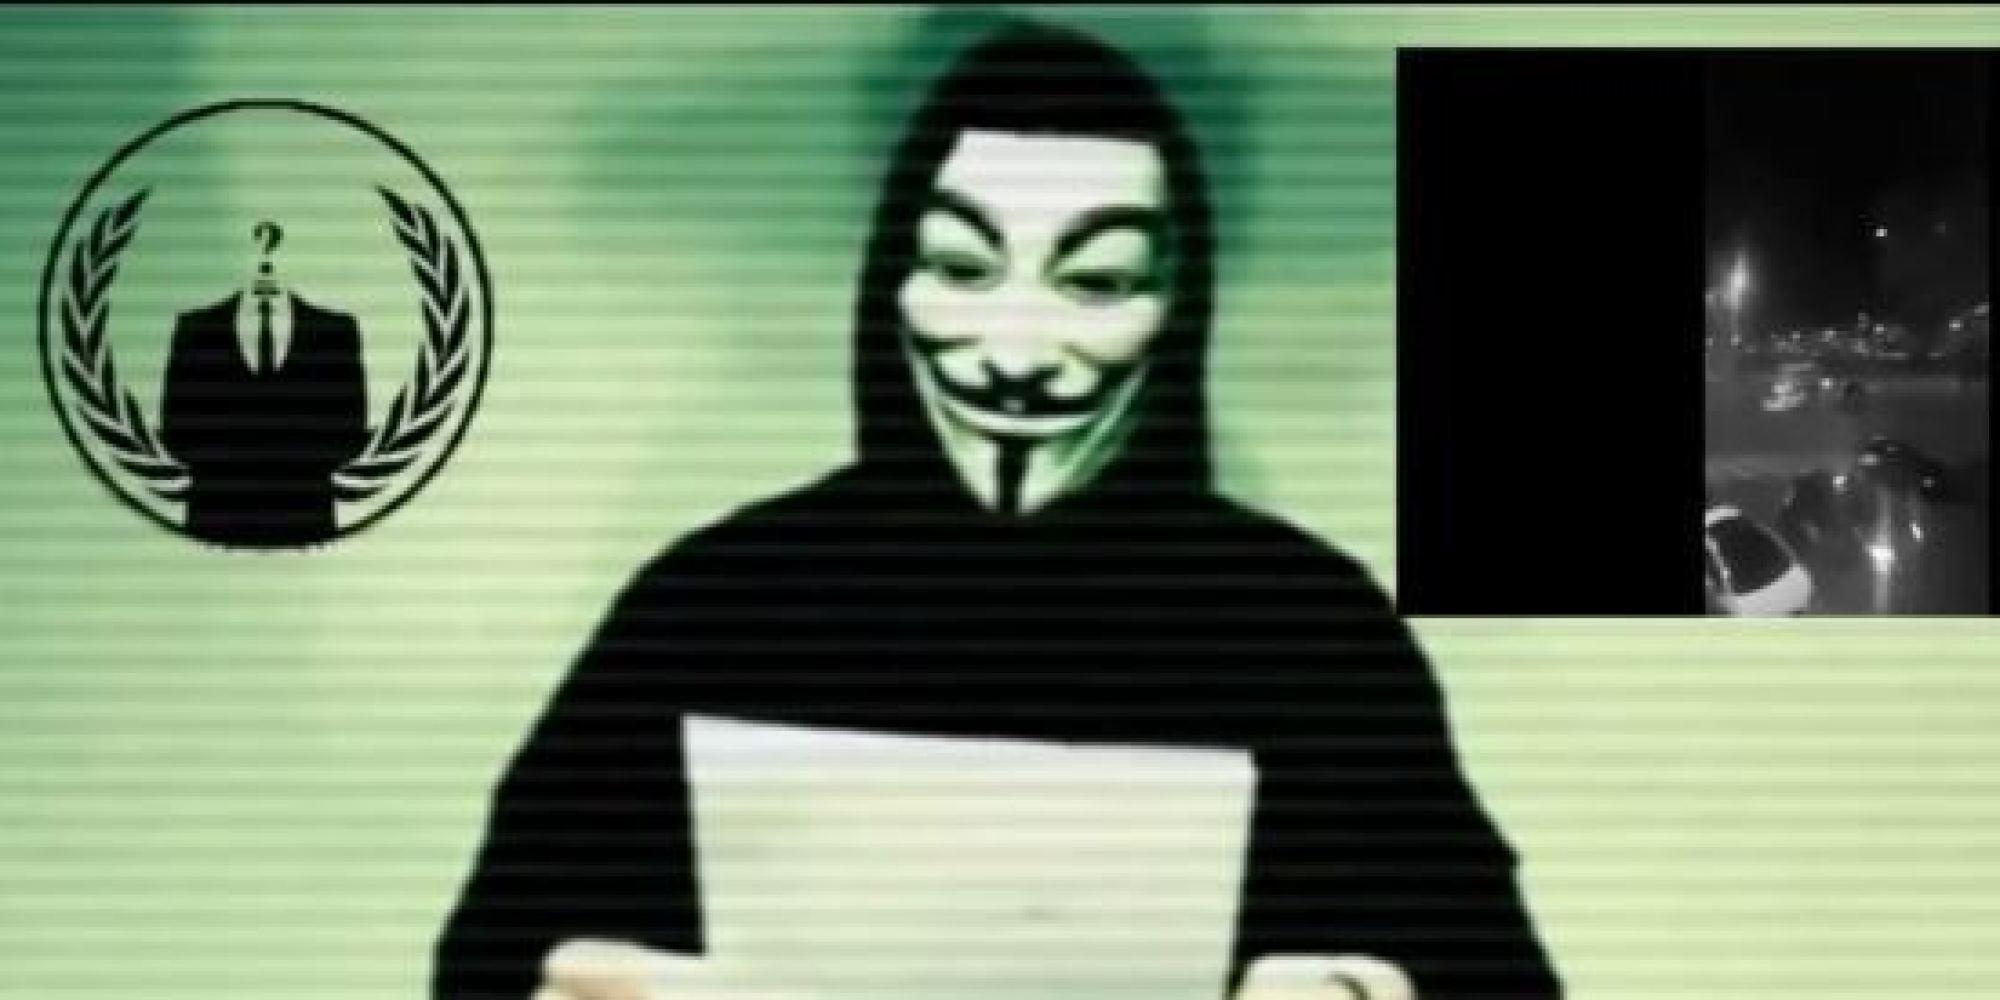 Anonymous Inizia Crociata contro Isis dopo Attentati a Parigi